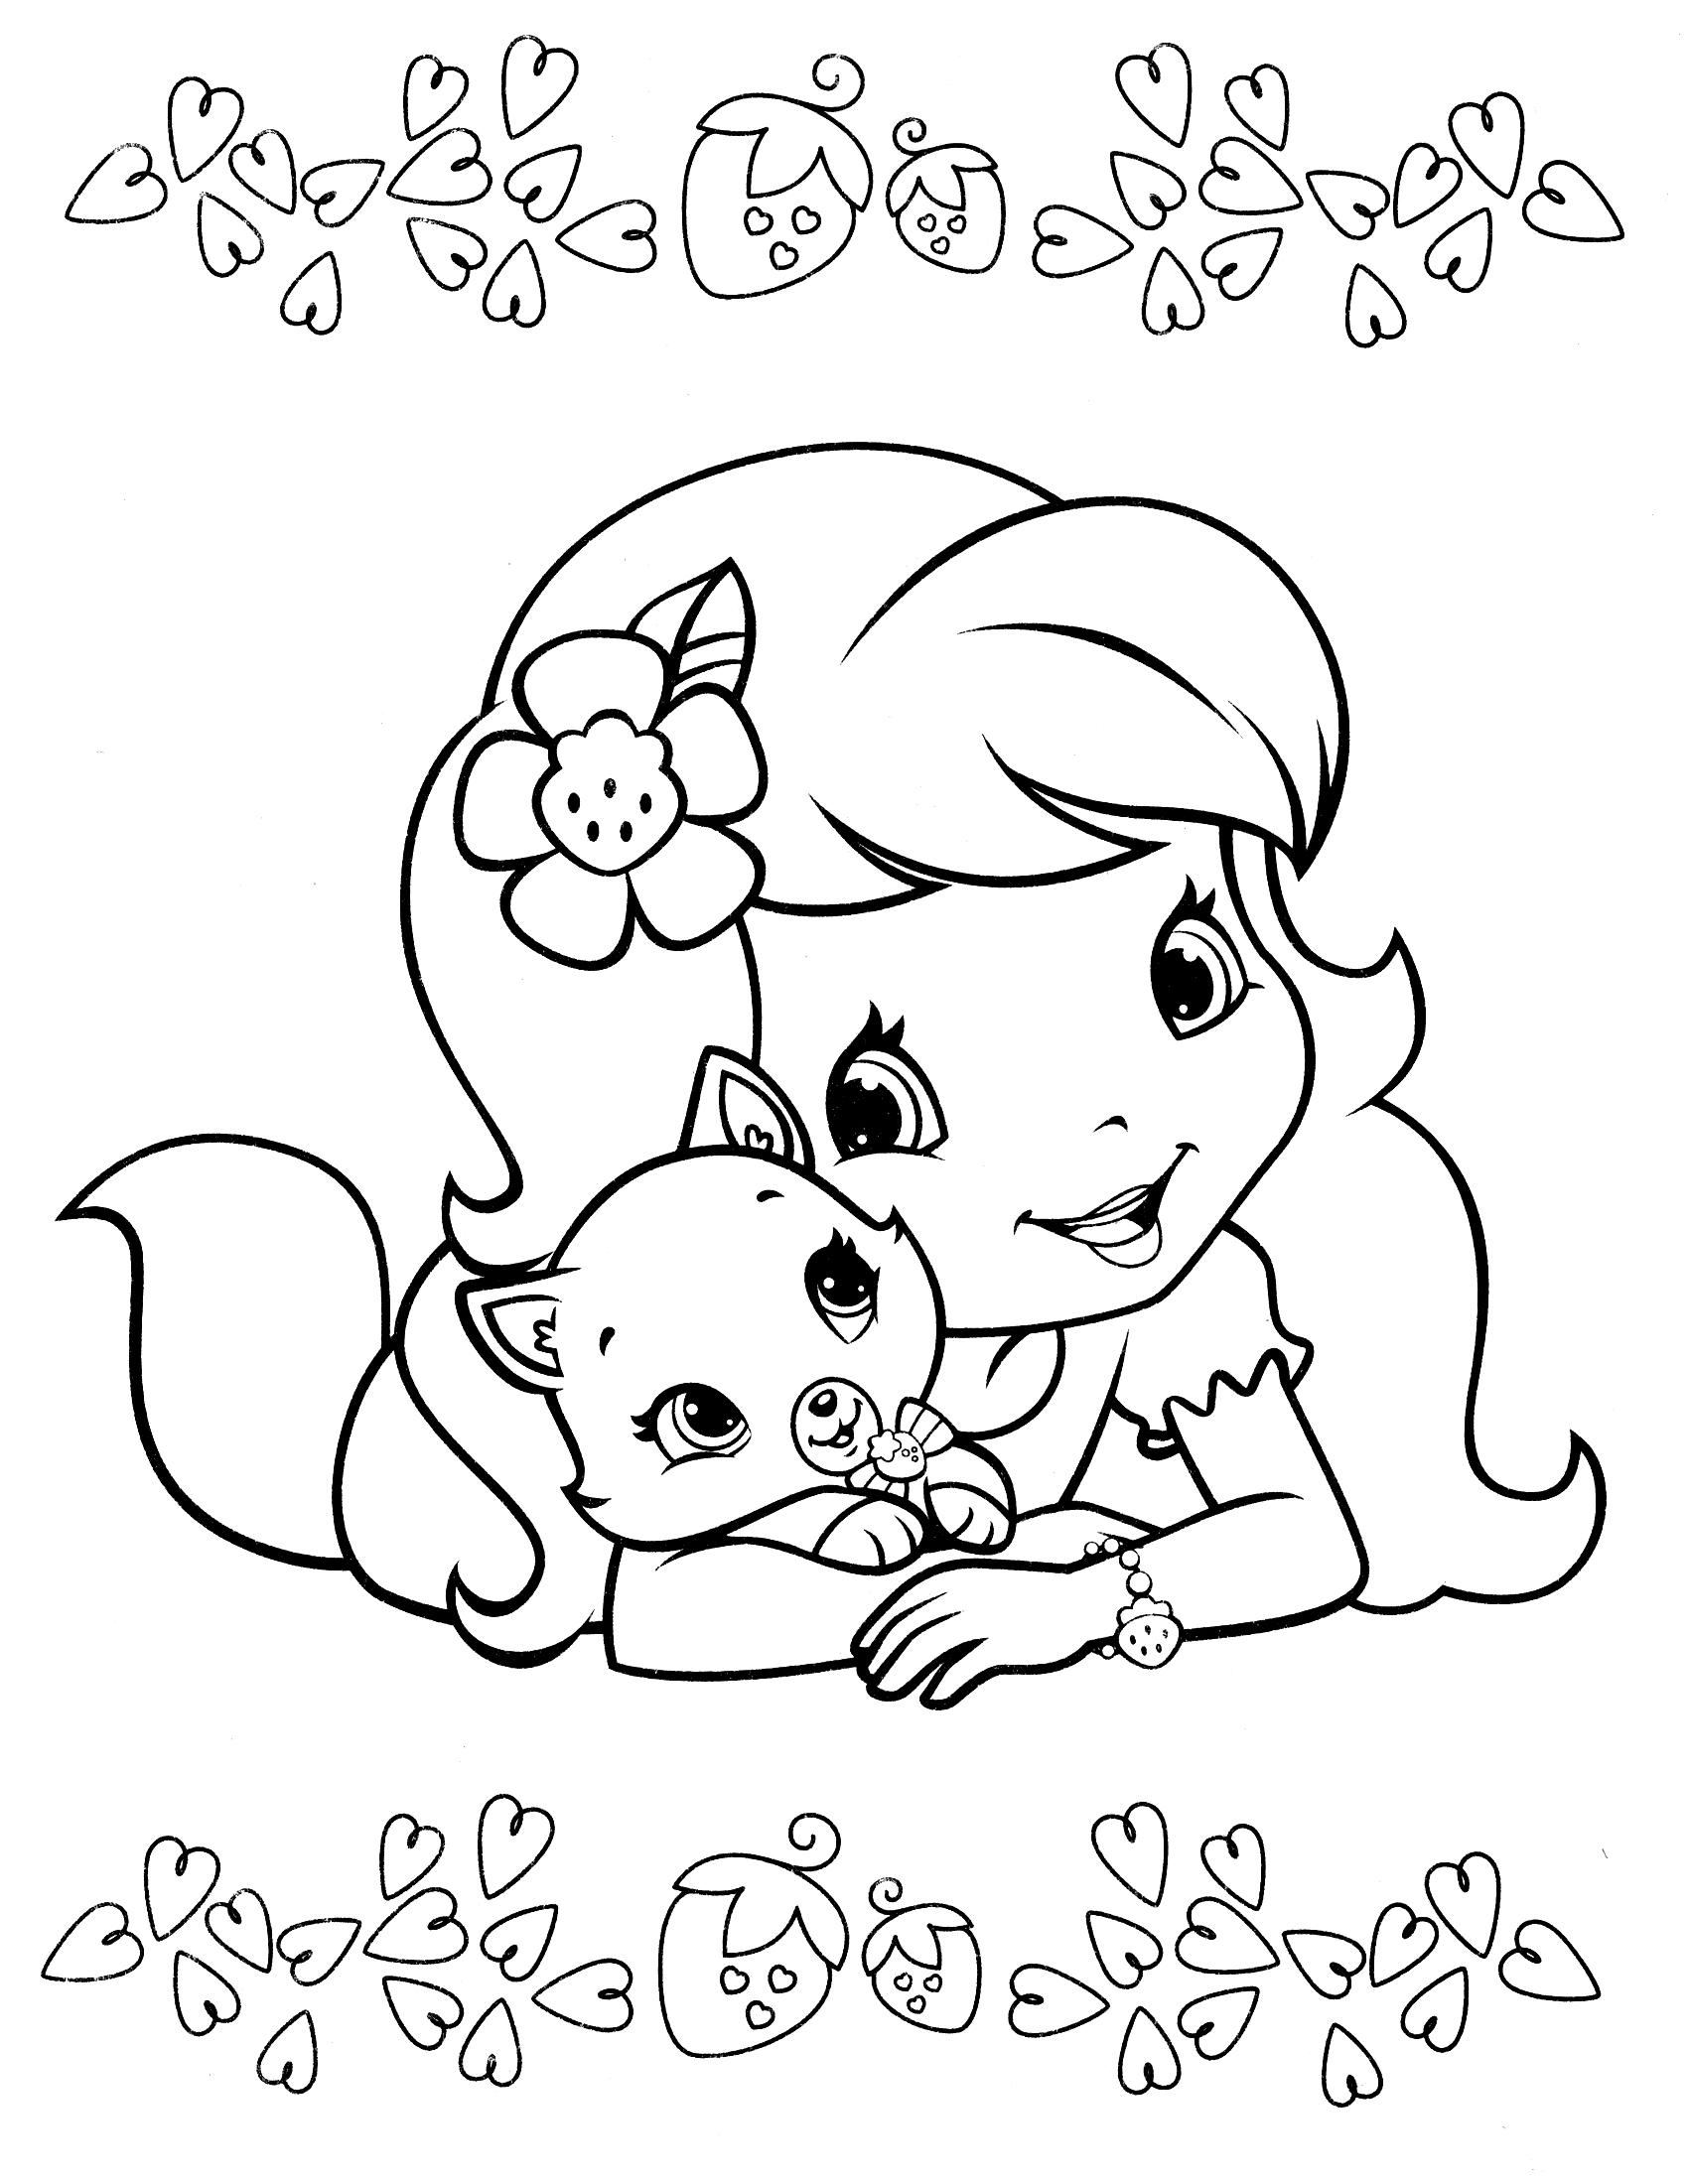 Раскраски для девочек земляничка распечатать - 6